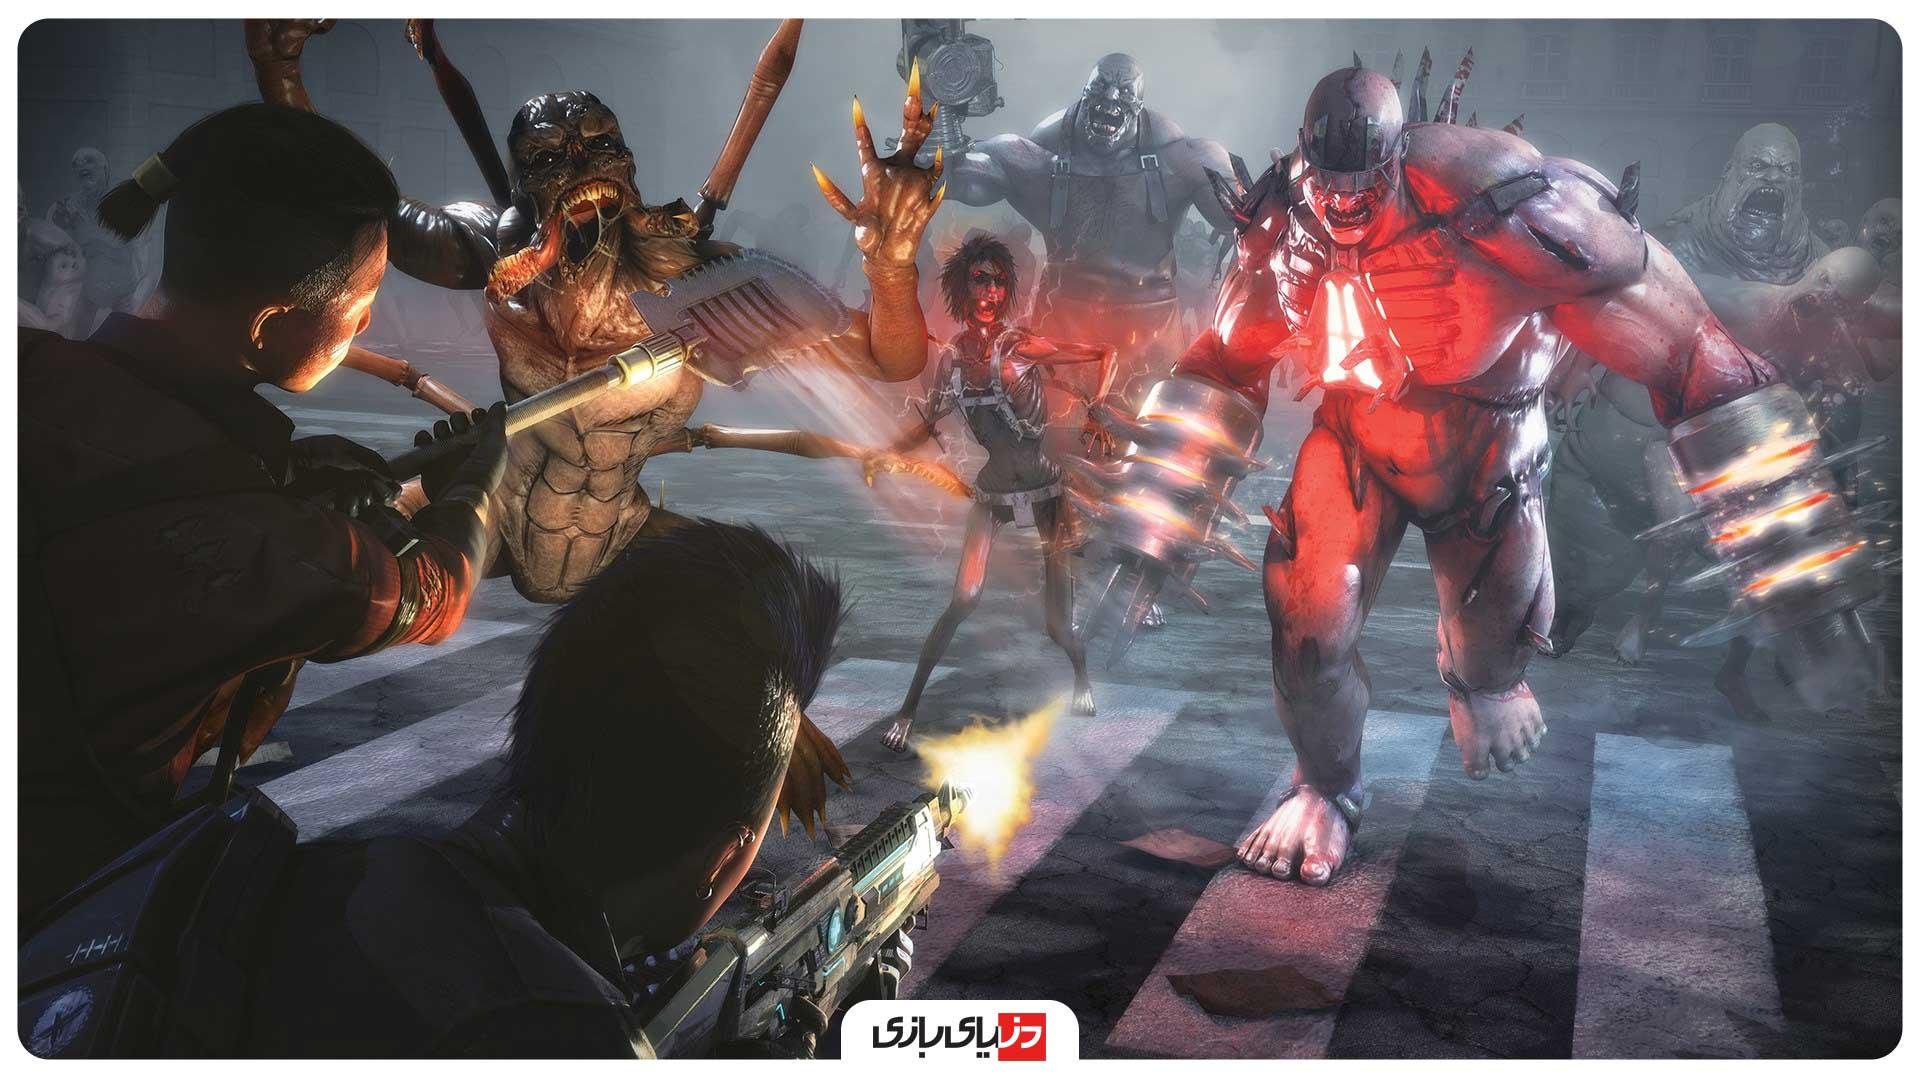 لینک دانلود بازی Killing Floor 2